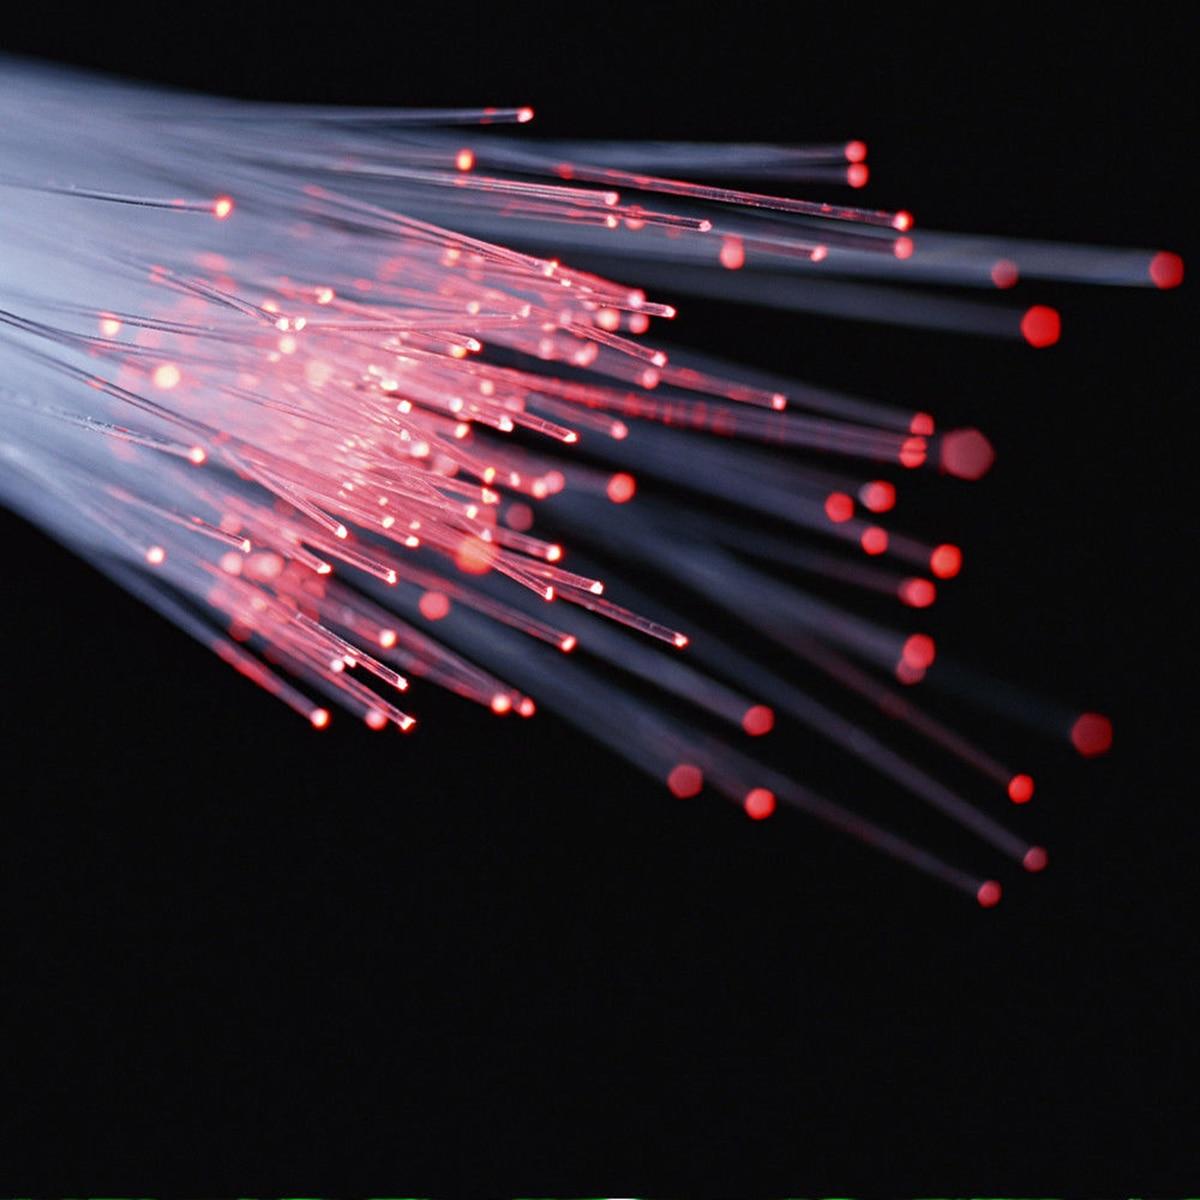 50PCS Sparkle Flash PMMA Plastic Fiber Optical Cable Decor Light Fiber Optic Light Line Kit For LED Fiber Optic Wedding Decor